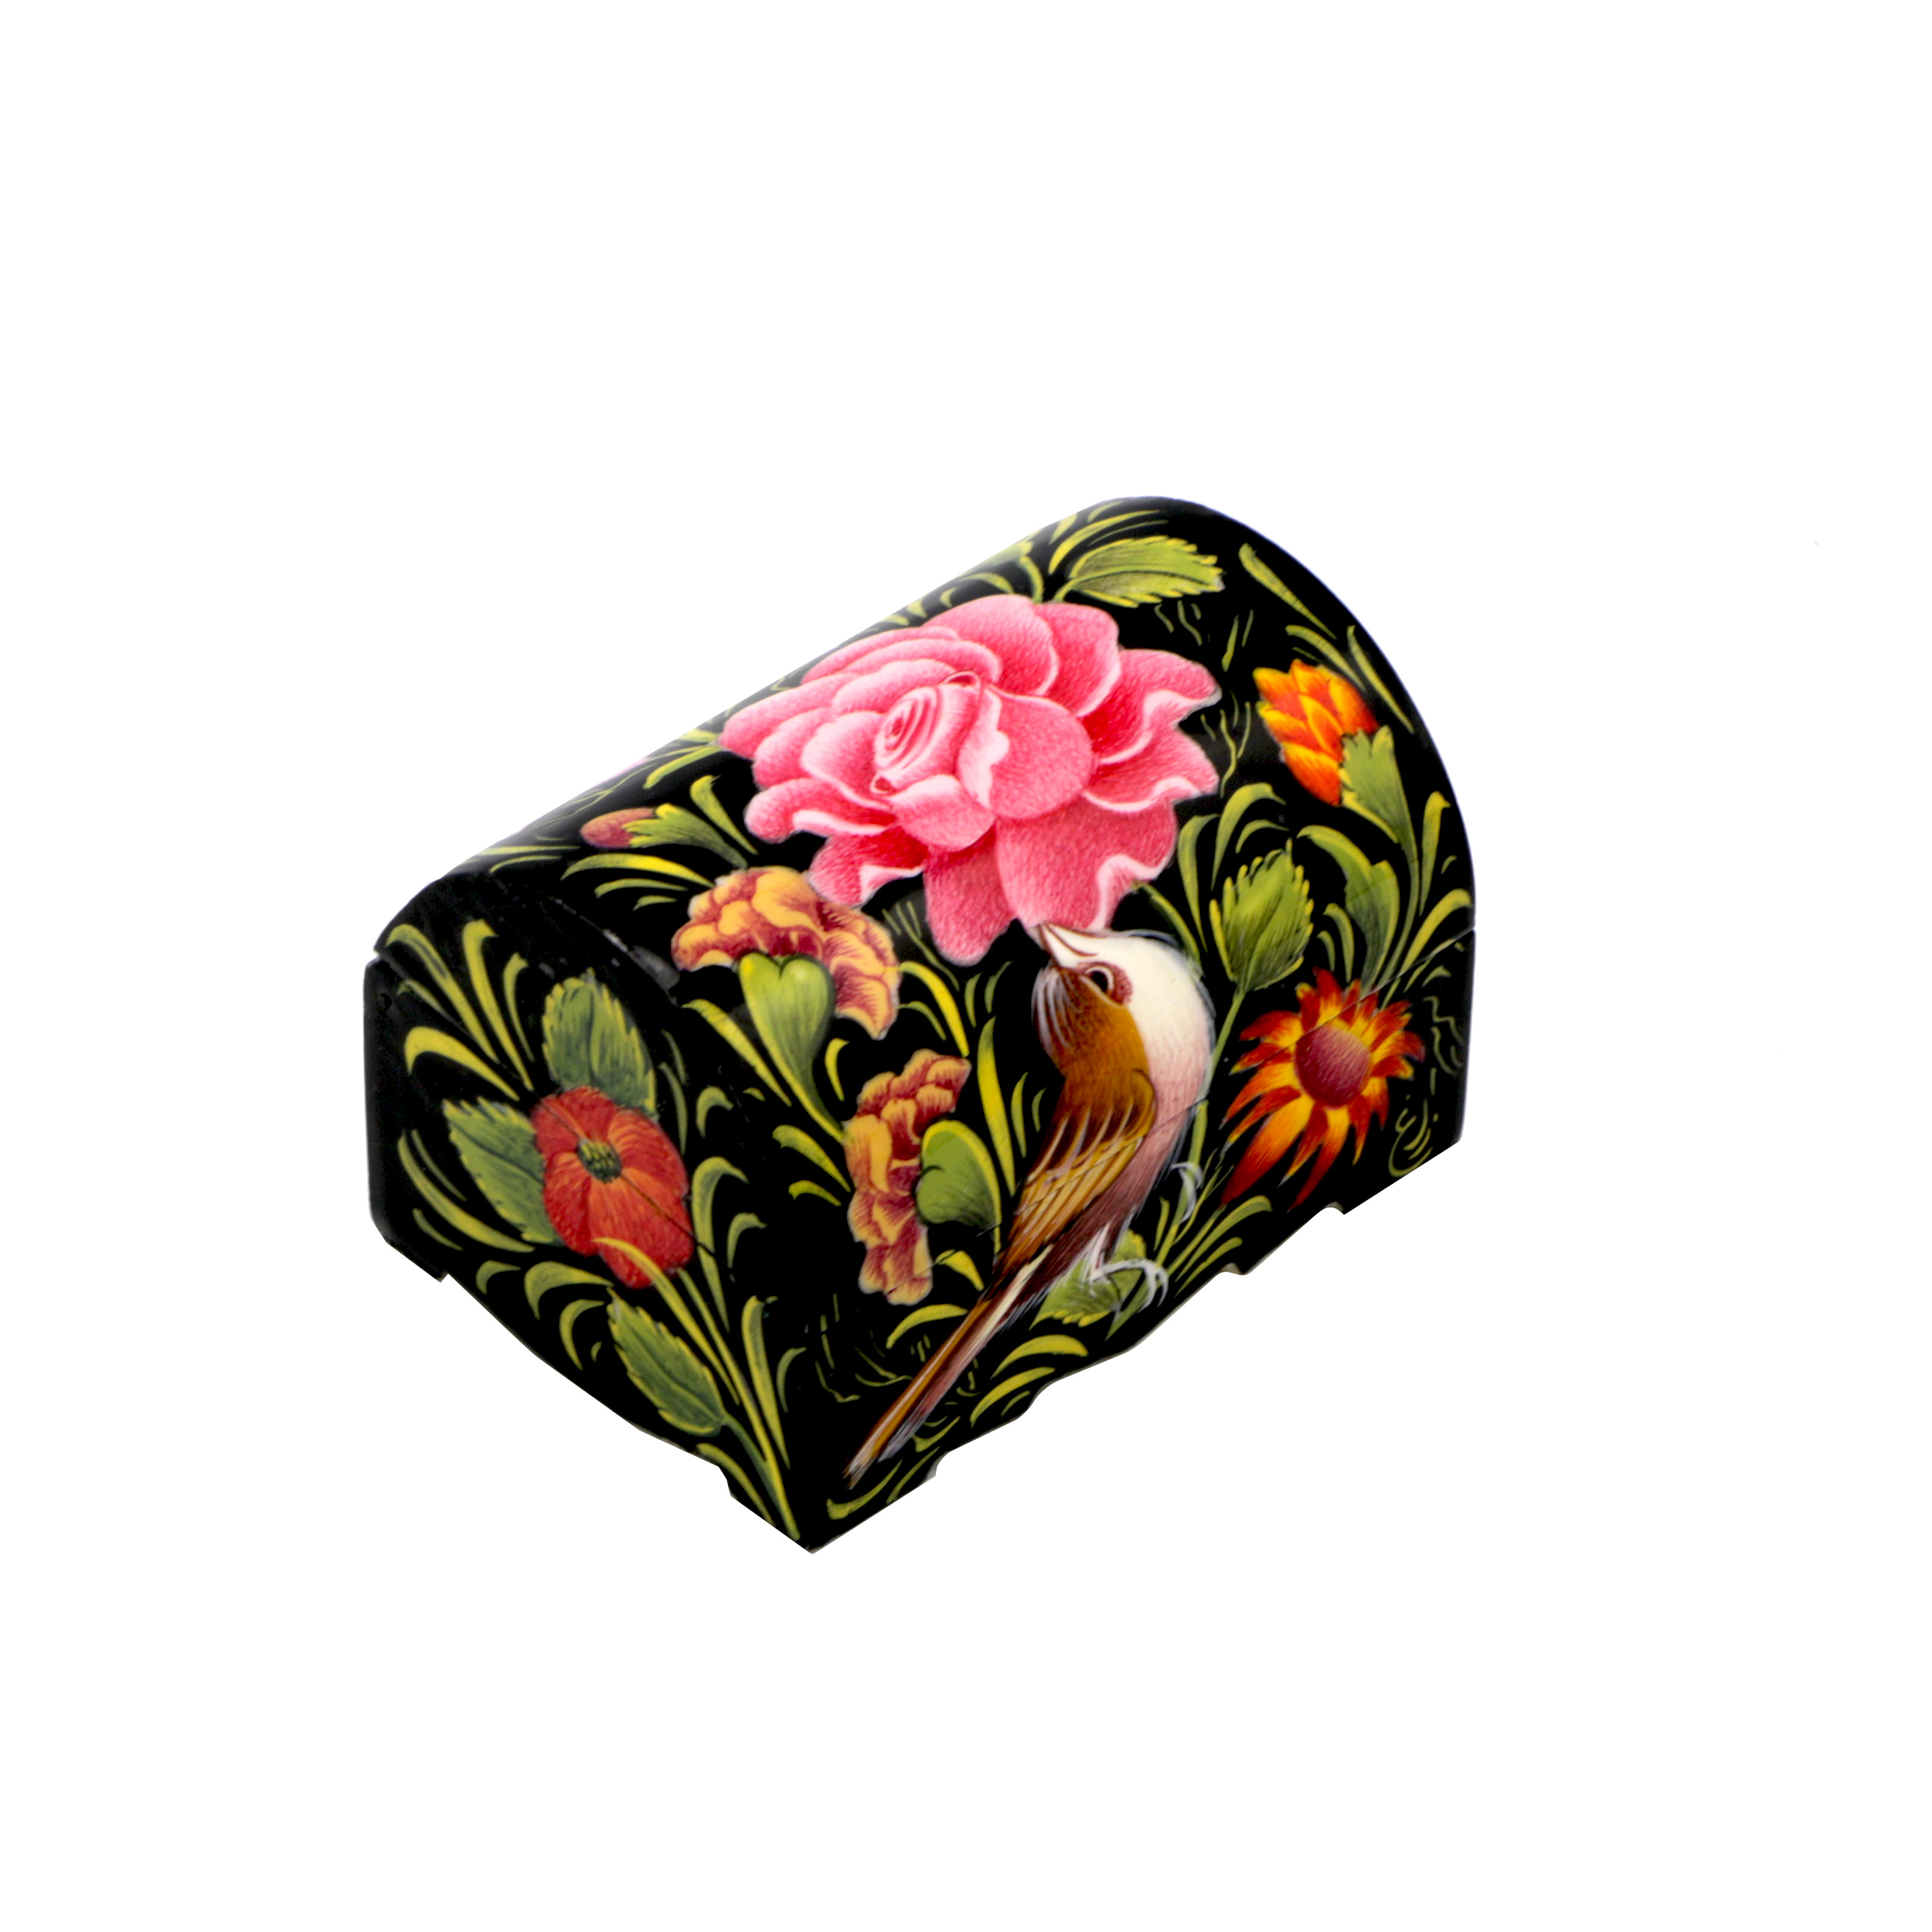 جعبه جواهرات استخوانی طرح گل و مرغ کد m12